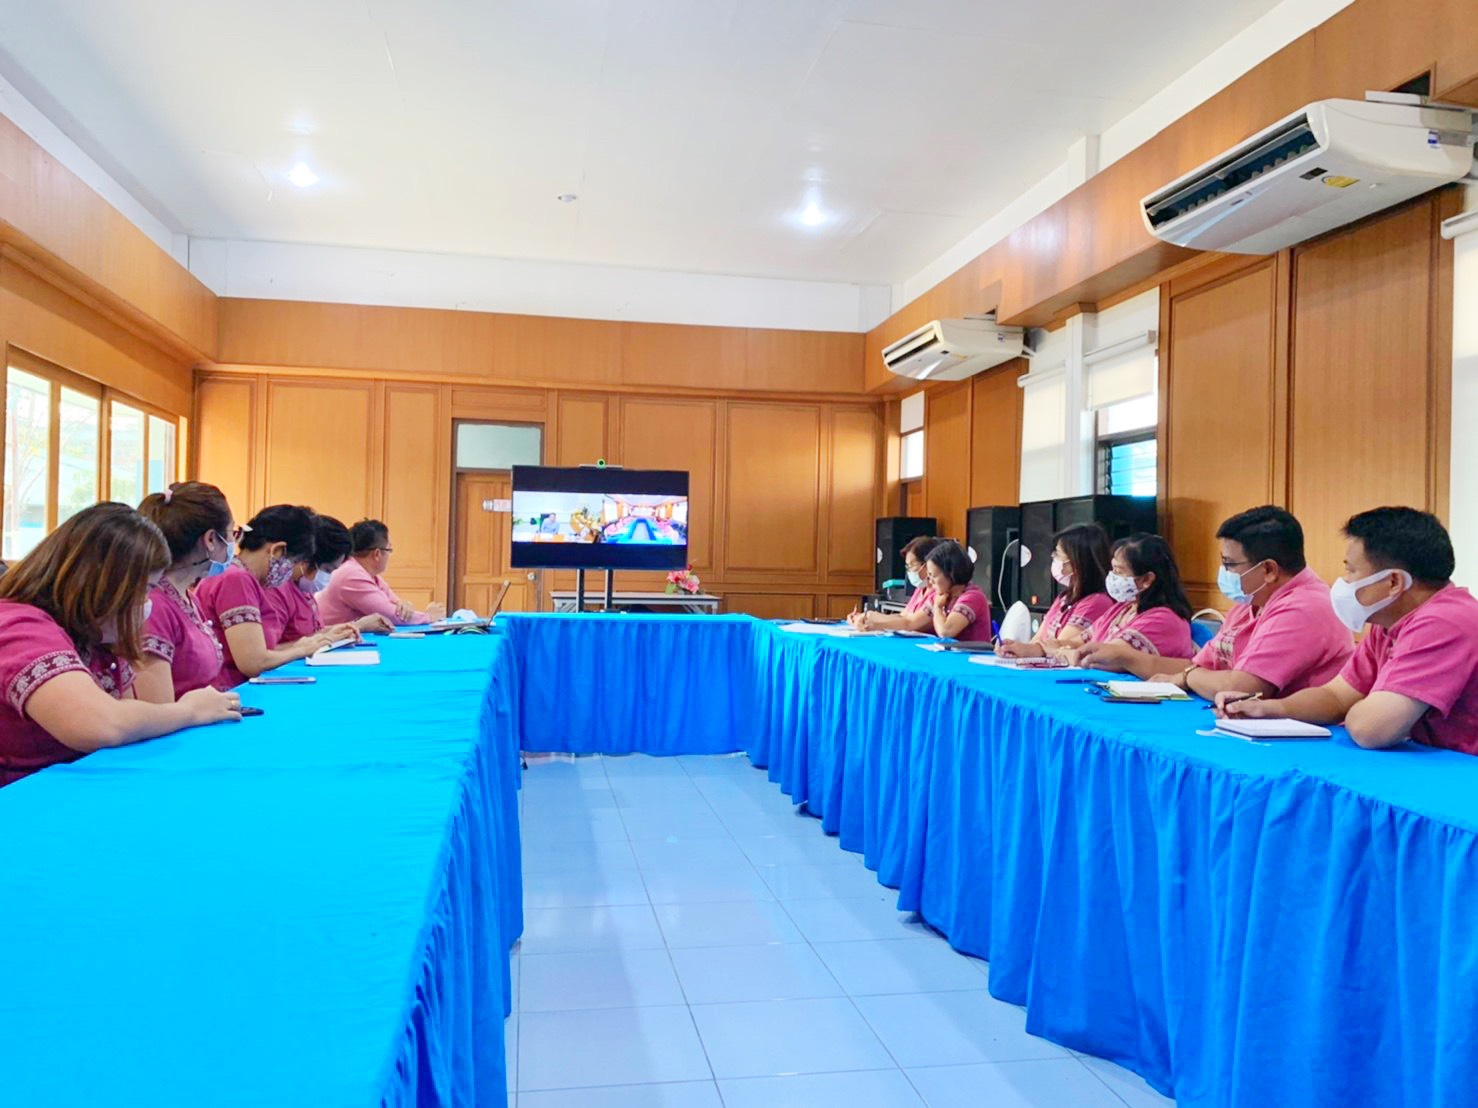 กปภ.สาขาปทุมธานี ประชุมทางไกลวิดีโอคอนเฟอเรนซ์ (Video Conference) ร่วมกับ ผวก.กปภ.